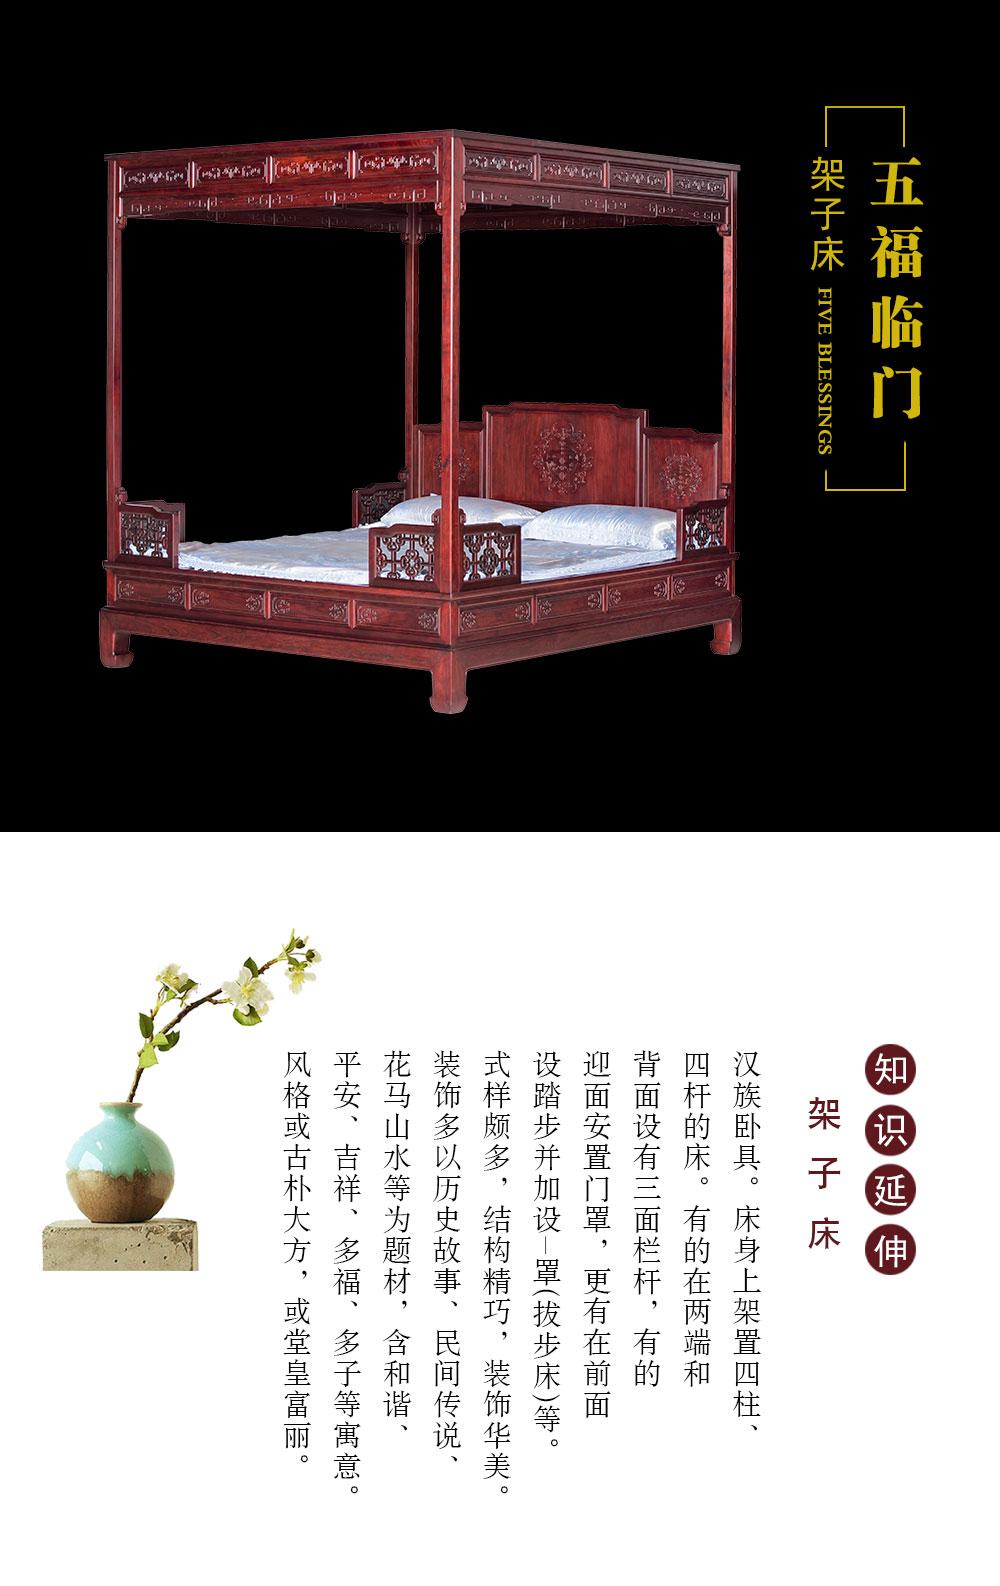 五福临门架子床_01.jpg